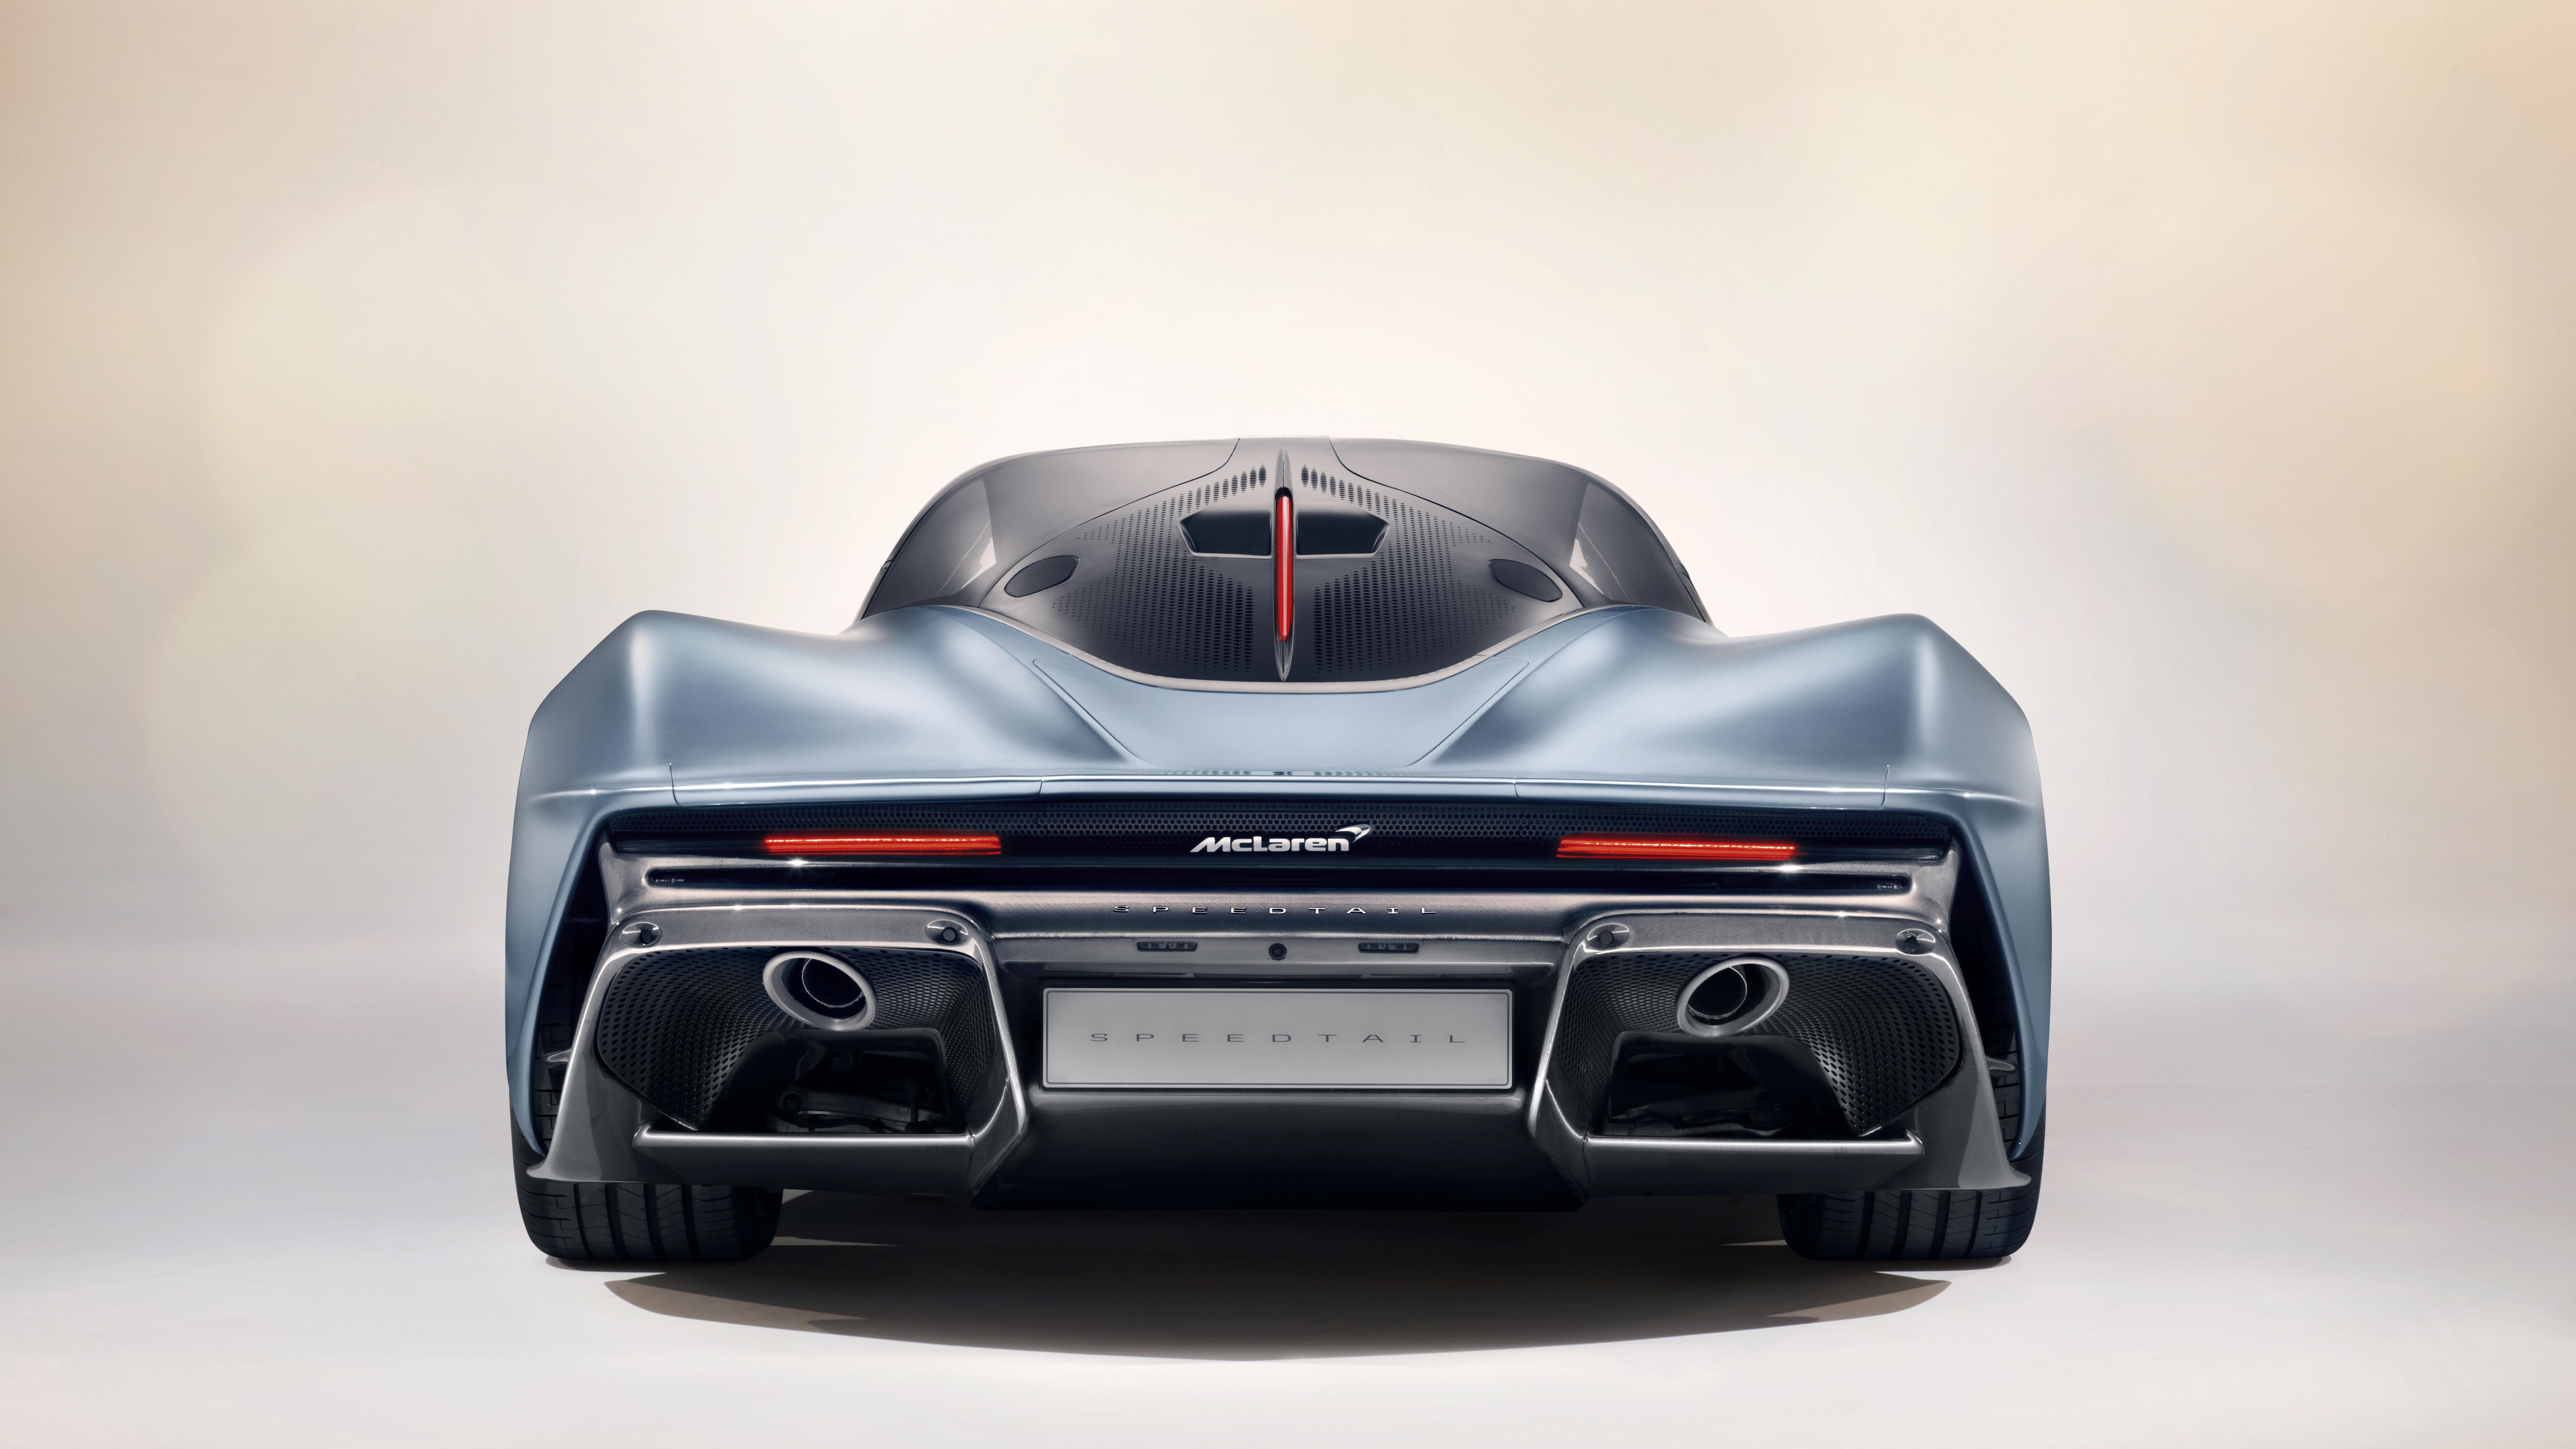 2019 McLaren Speedtail 4K 8K Wallpaper HD Car Wallpapers ID 11479 7680x4320